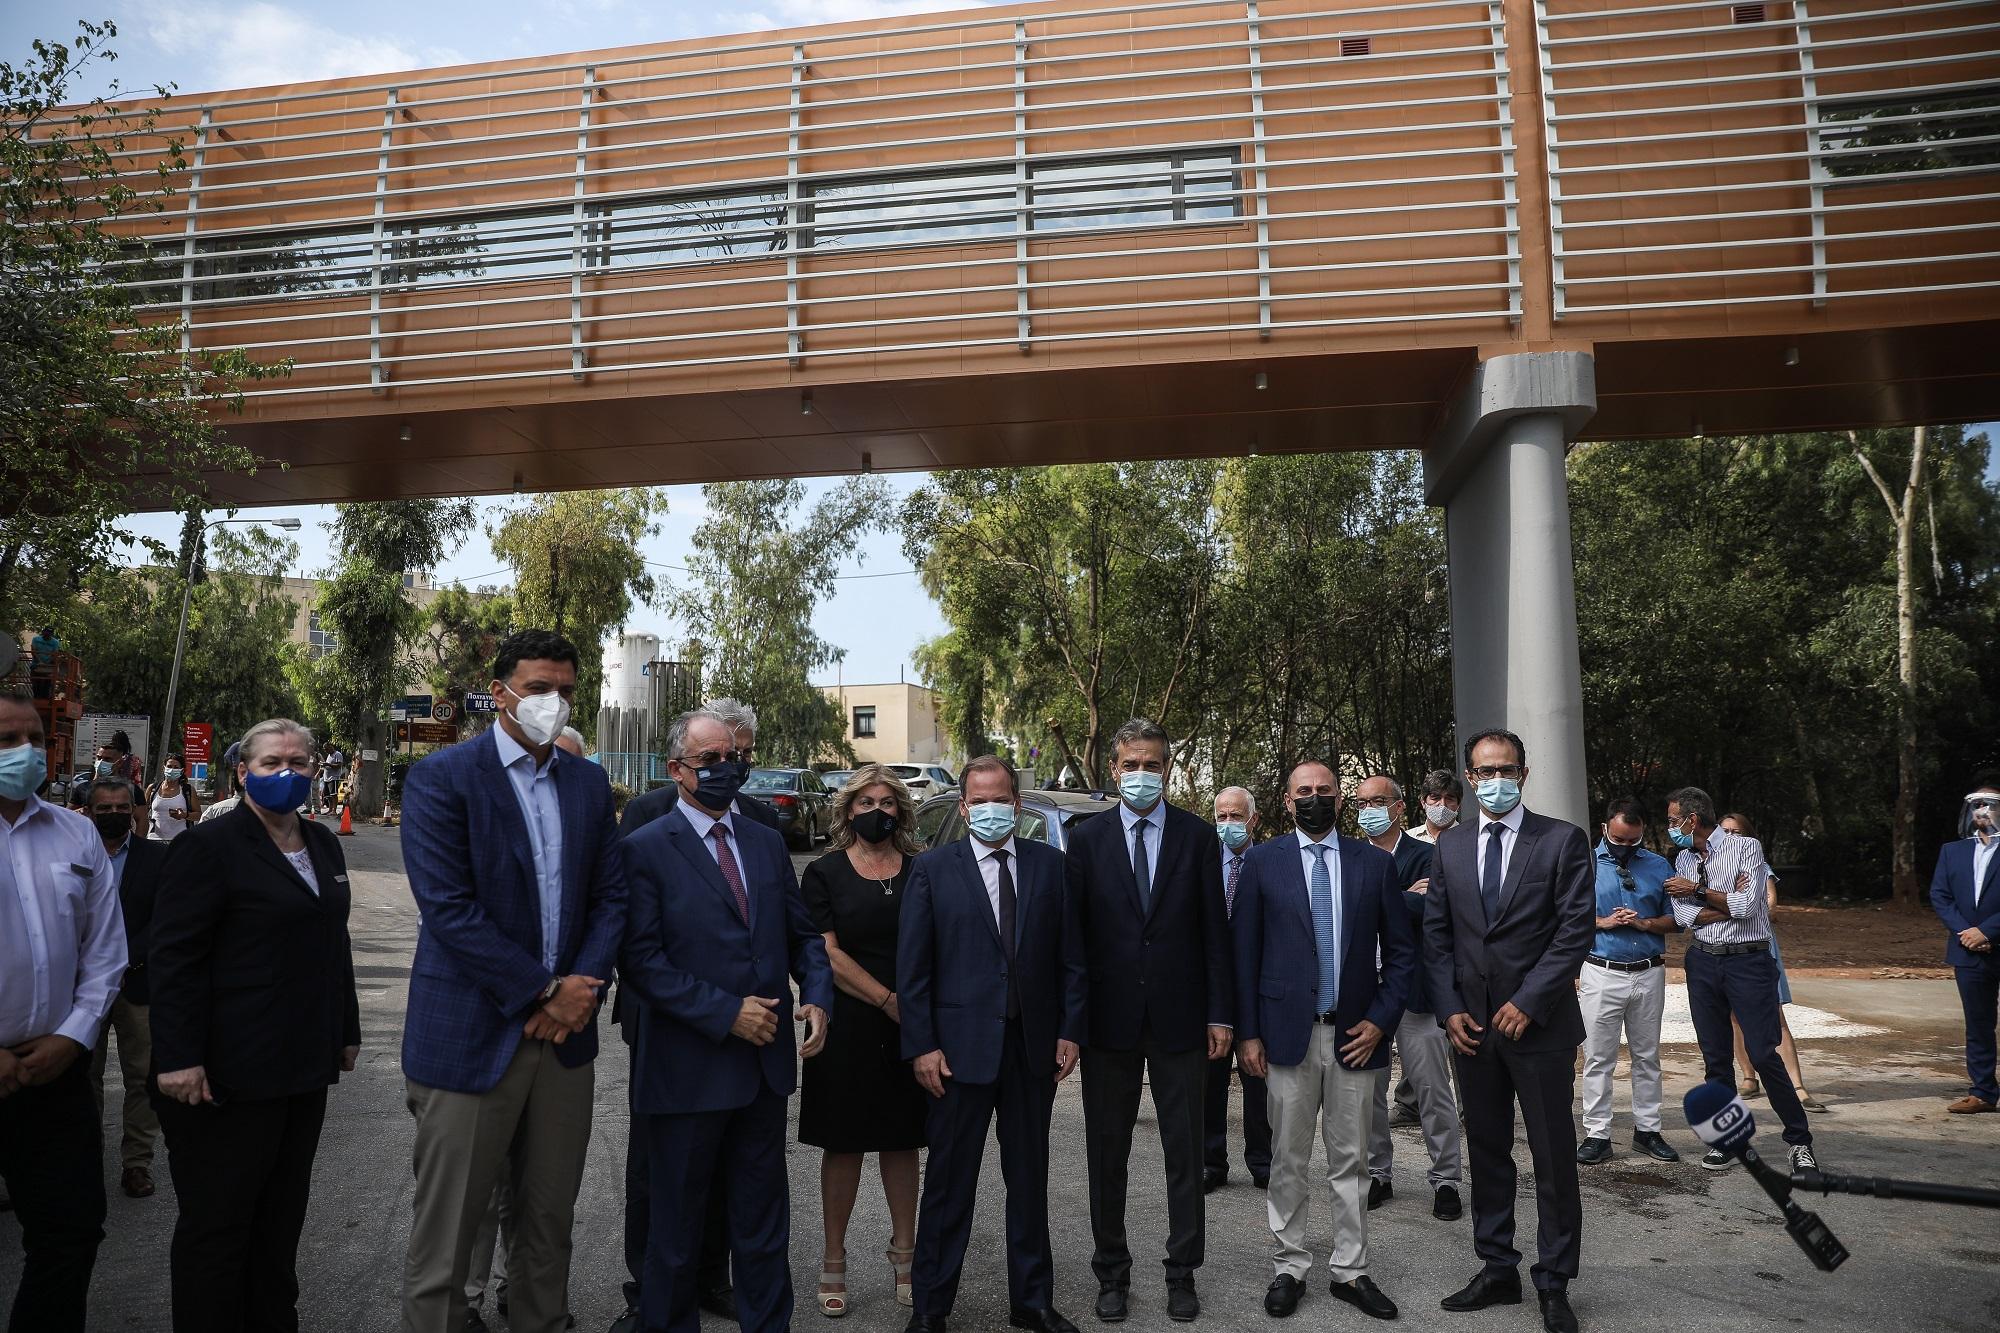 Νοσοκομείο «Σωτηρία»: Πεζογέφυρα συνδέει 50 νέες ΜΕΘ με χειρουργεία (video)